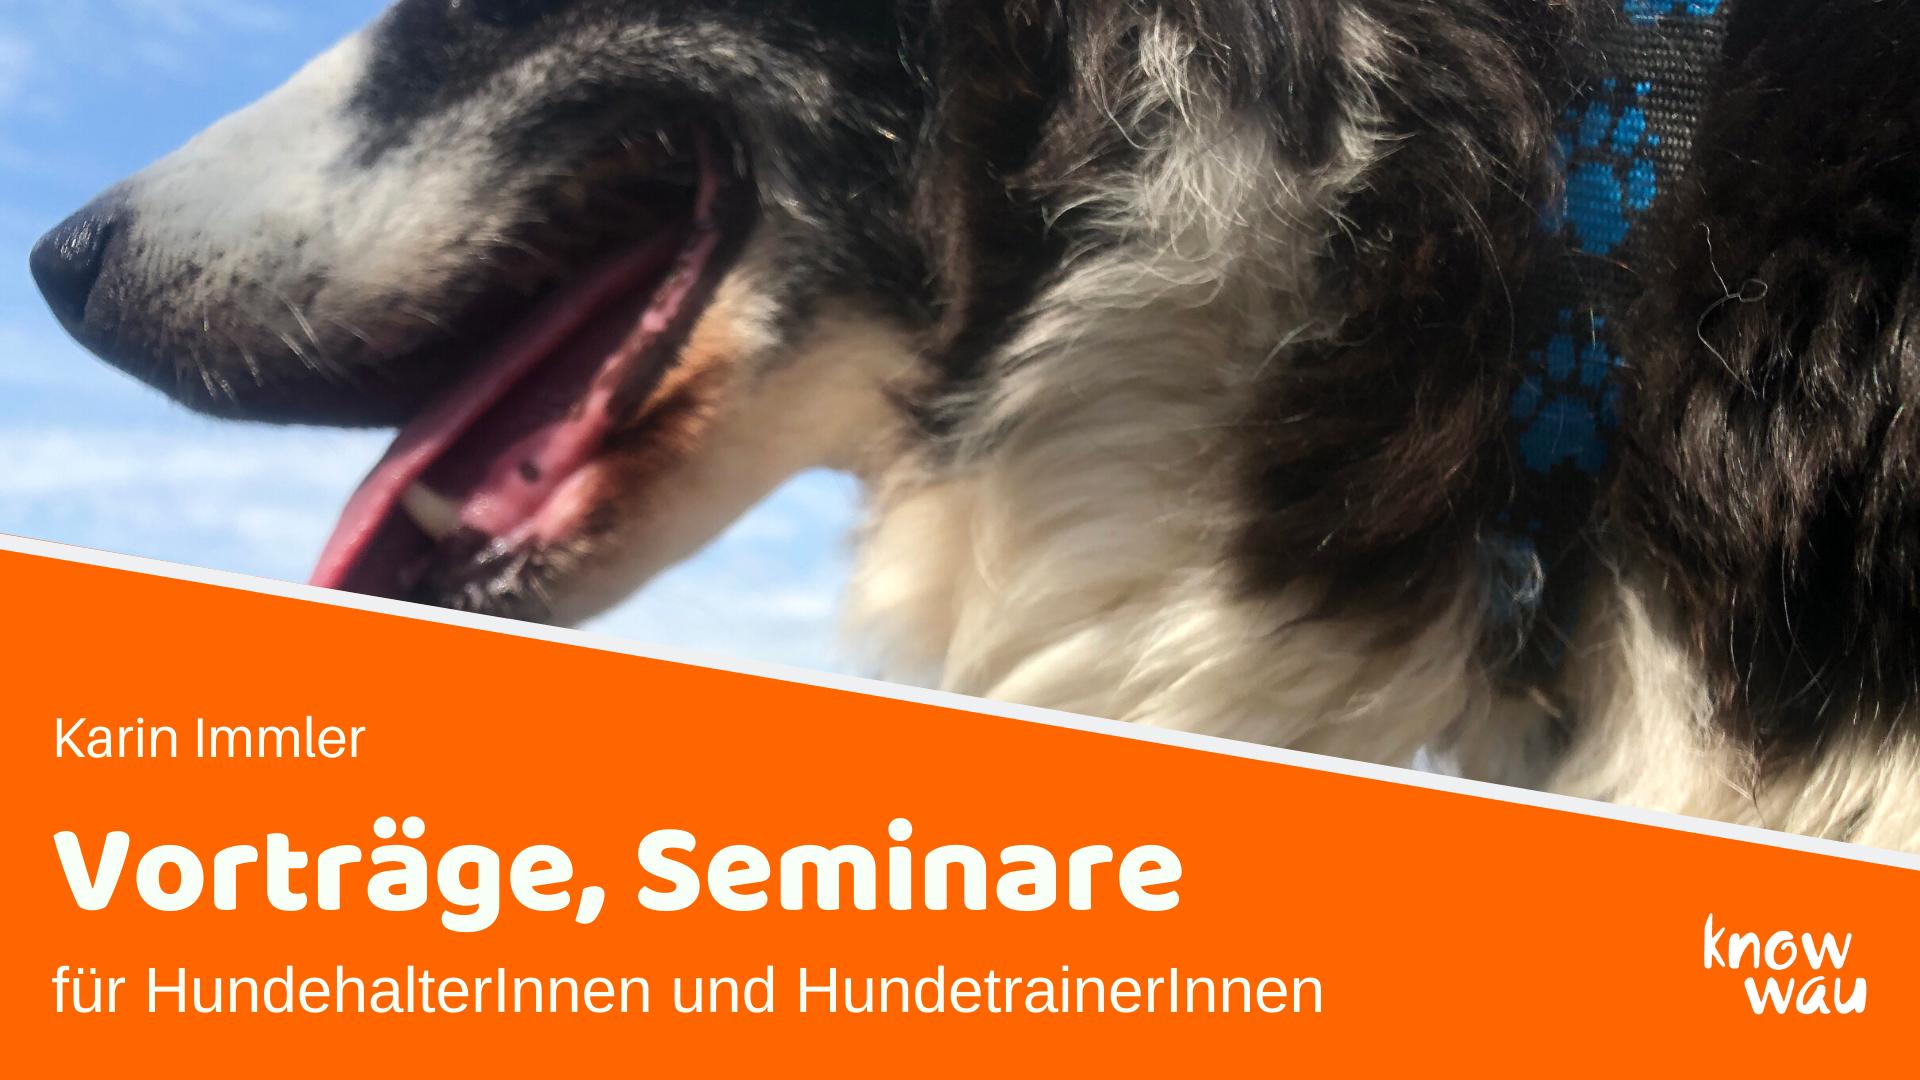 Vorträge und Seminar für HundehalterInnen und HundetrainerInnen